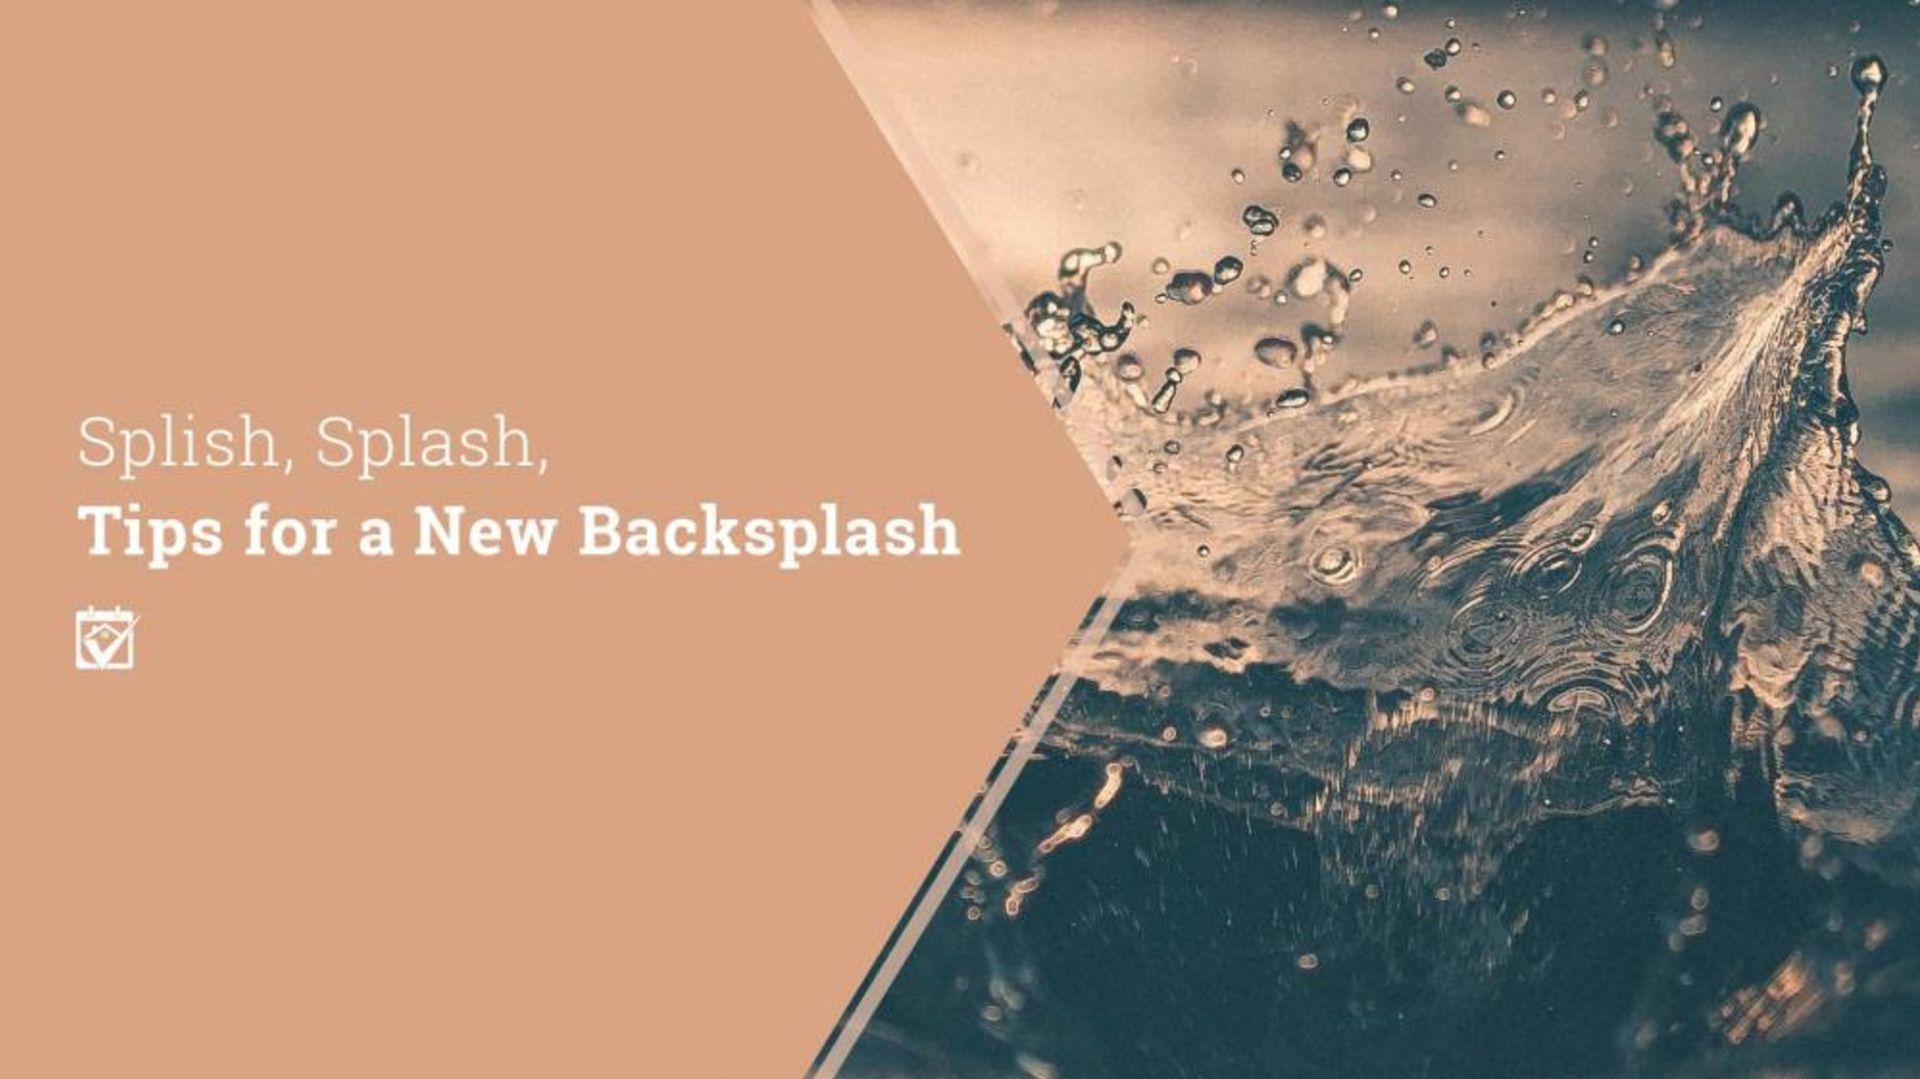 Tips For A New Backsplash